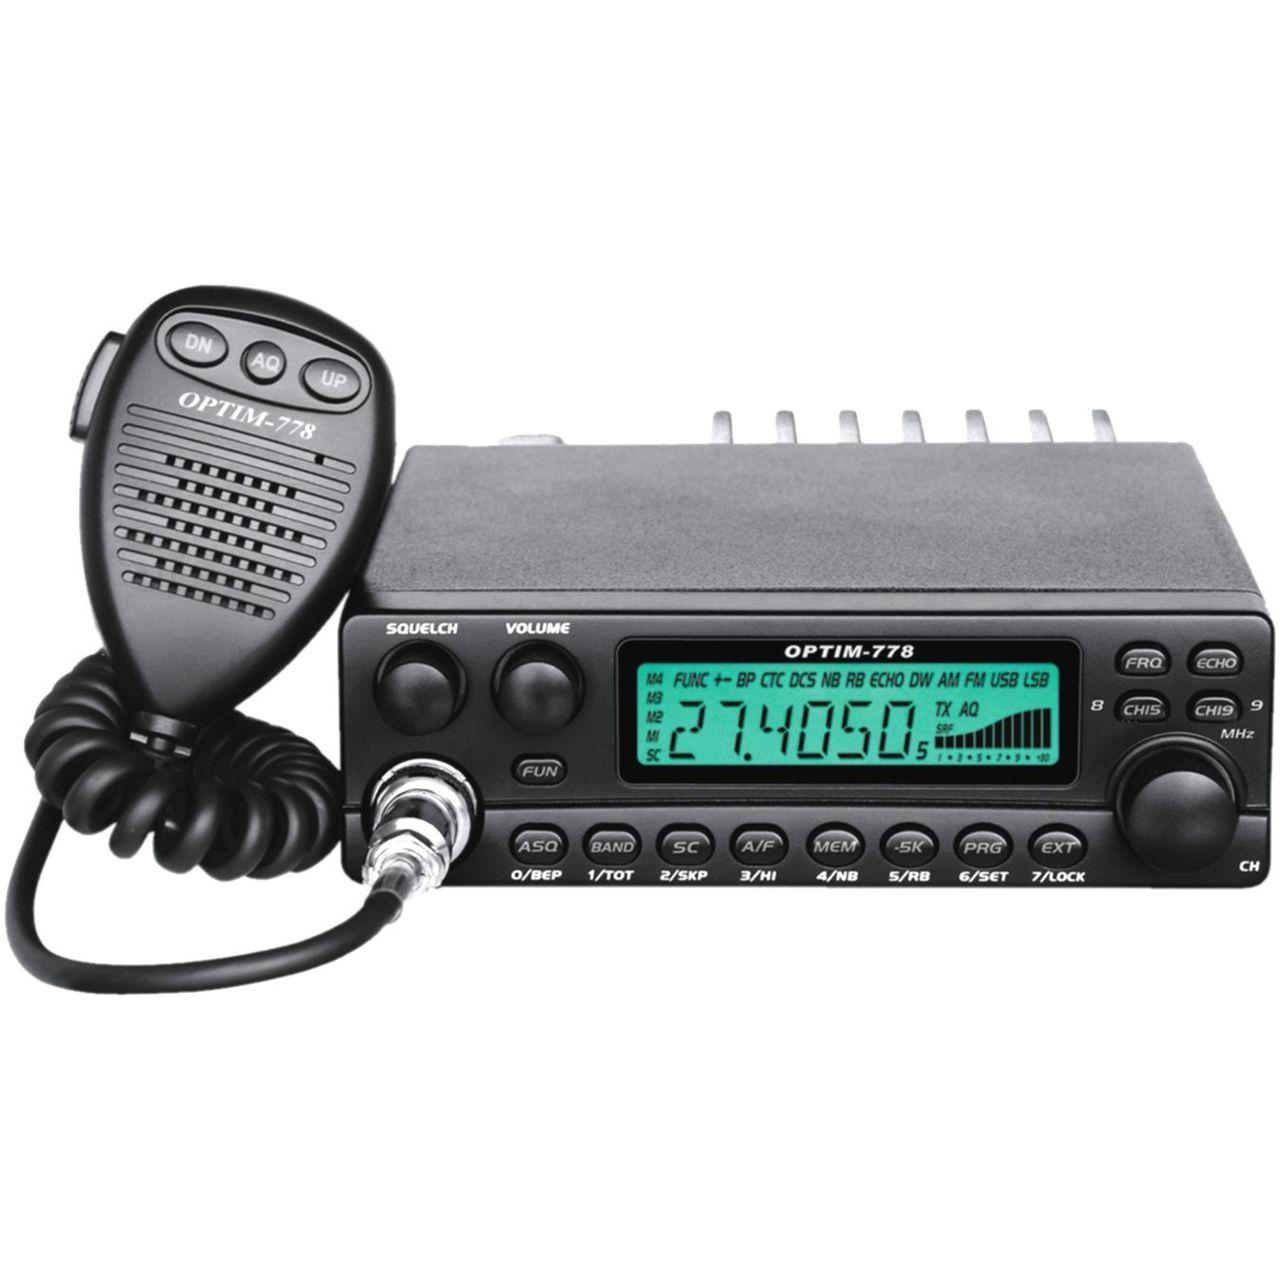 """Радиостанция Optim 778 автомобильнаяРадиостанция OPTIM-778 предназначена для осуществления двустороннего радиообмена в диапазоне частот 27 МГц (Гражданский диапазон, Си-Би,CB) с частотной или амплитудной модуляцией. Радиостанция предназначена для эксплуатации, как в автомобиле, так и в качестве базовой радиостанции.<br><br>Высокая выходная мощность передатчика для увеличения радиуса действия.<br>Наличие автоматического спектрального и ручного порогового шумоподавителей, незаменимых, при эксплуатации в городе и открытой местности.<br>Клавиши быстрого перехода в """"общий вызывной автоканал"""" и """"канал вызова экстренной помощи"""".<br>Режим эффекта """"ЭХО"""" при передаче.<br>8 энергонезависимых каналов памяти.<br>Защита от подключения к источнику питания обратной полярности.<br>Режимы сканирования, как по каналам памяти, так и в пределах сетки с возможностью создания листа сканирования.<br><br>Вес кг: 1.20000000"""